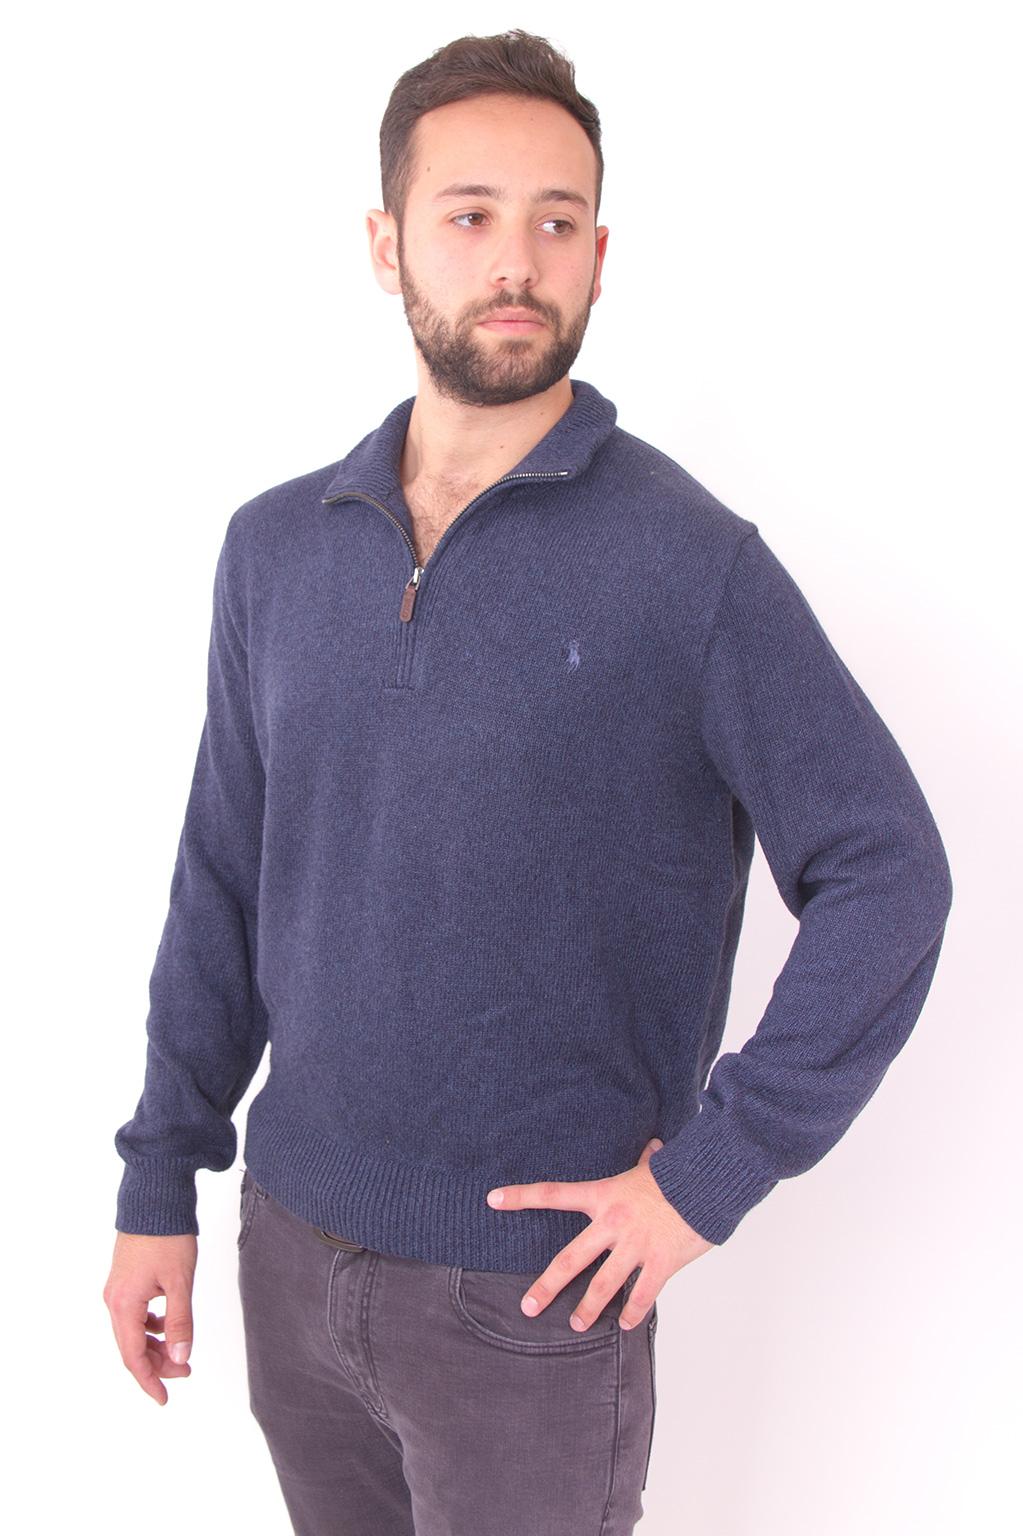 סוודר כחול כהה חצי ריץ רץ עם לוגו סוס כחול